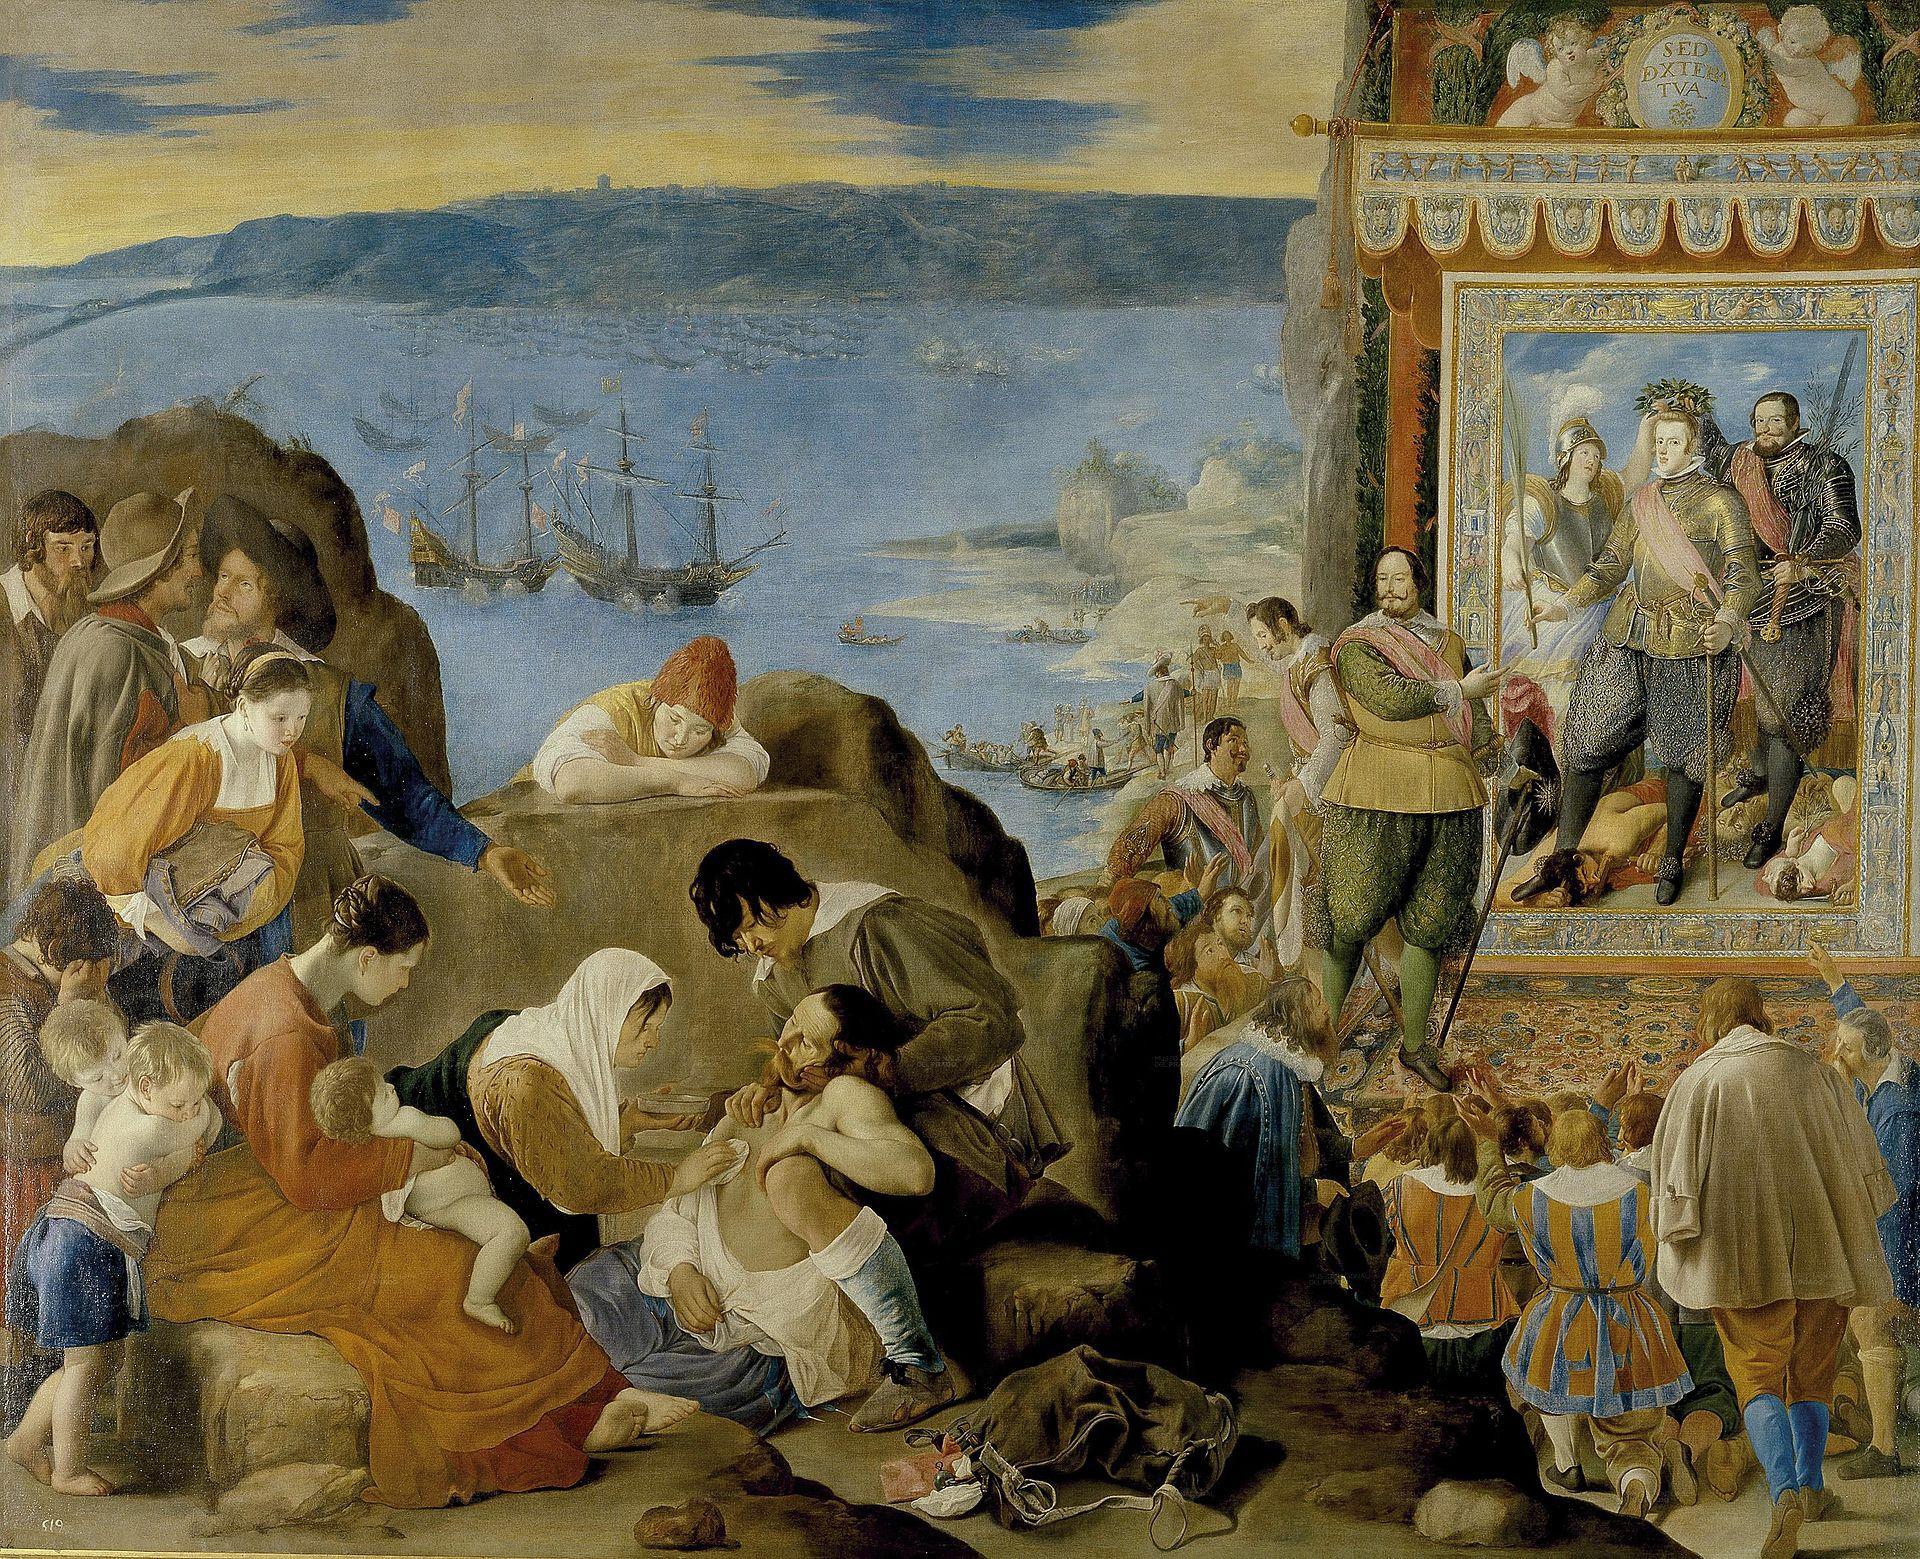 The Recovery of São Salvador da Bahia de Todos os Santos, by Philip III of Portugal, from the Dutch Republic.